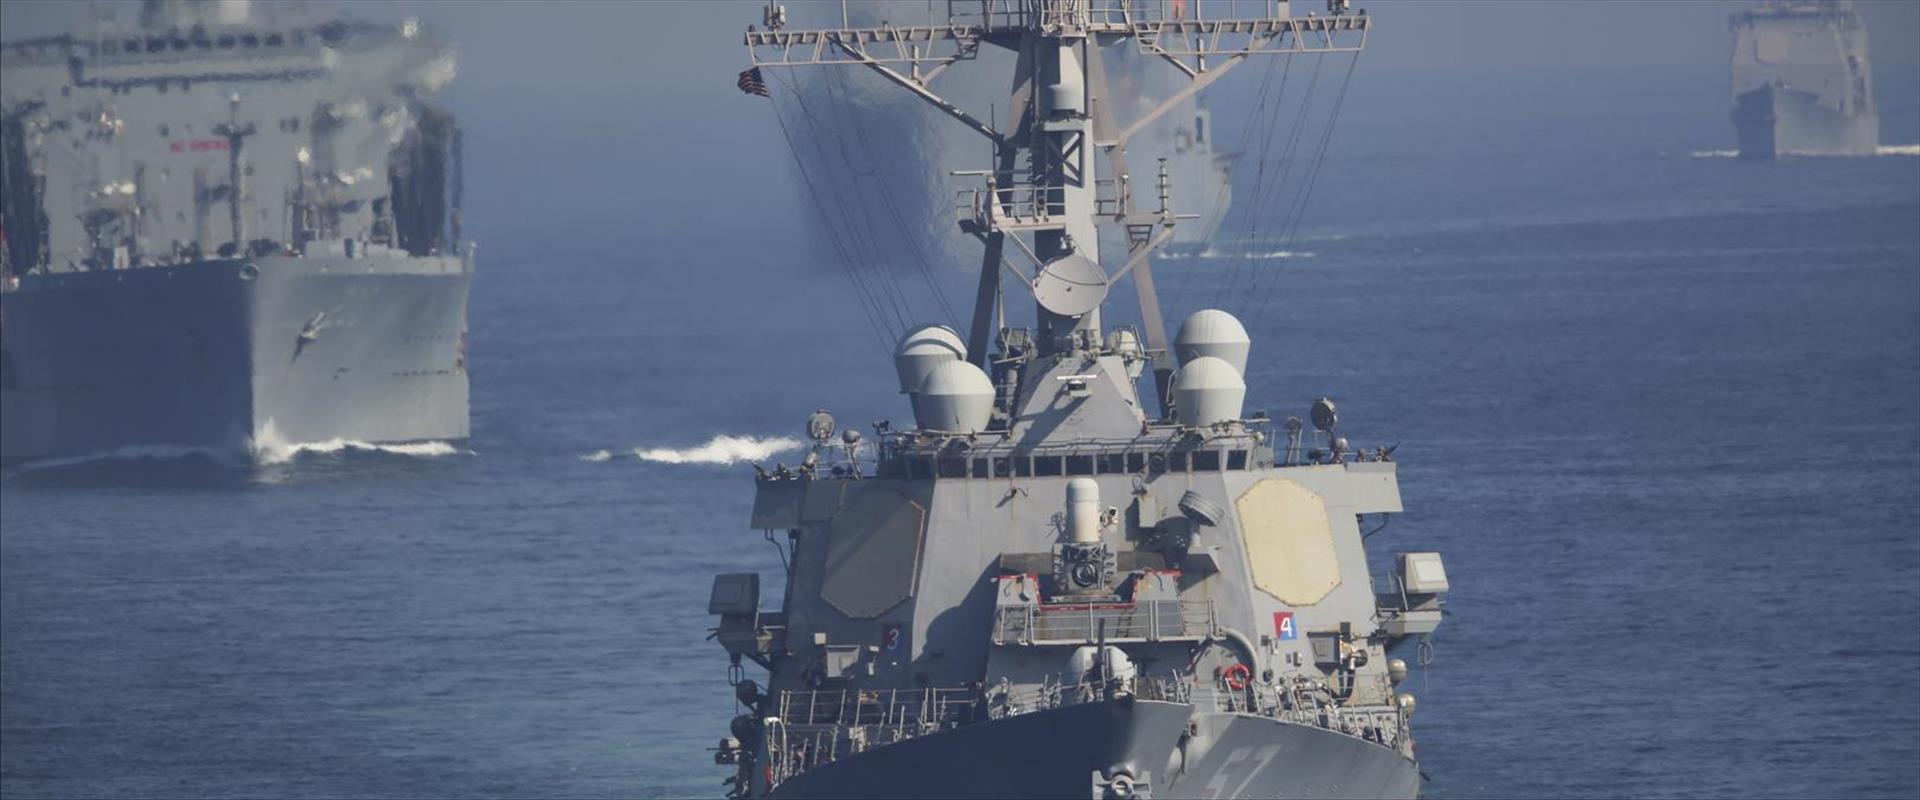 ספינות אמריקניות במפרץ הפרסי